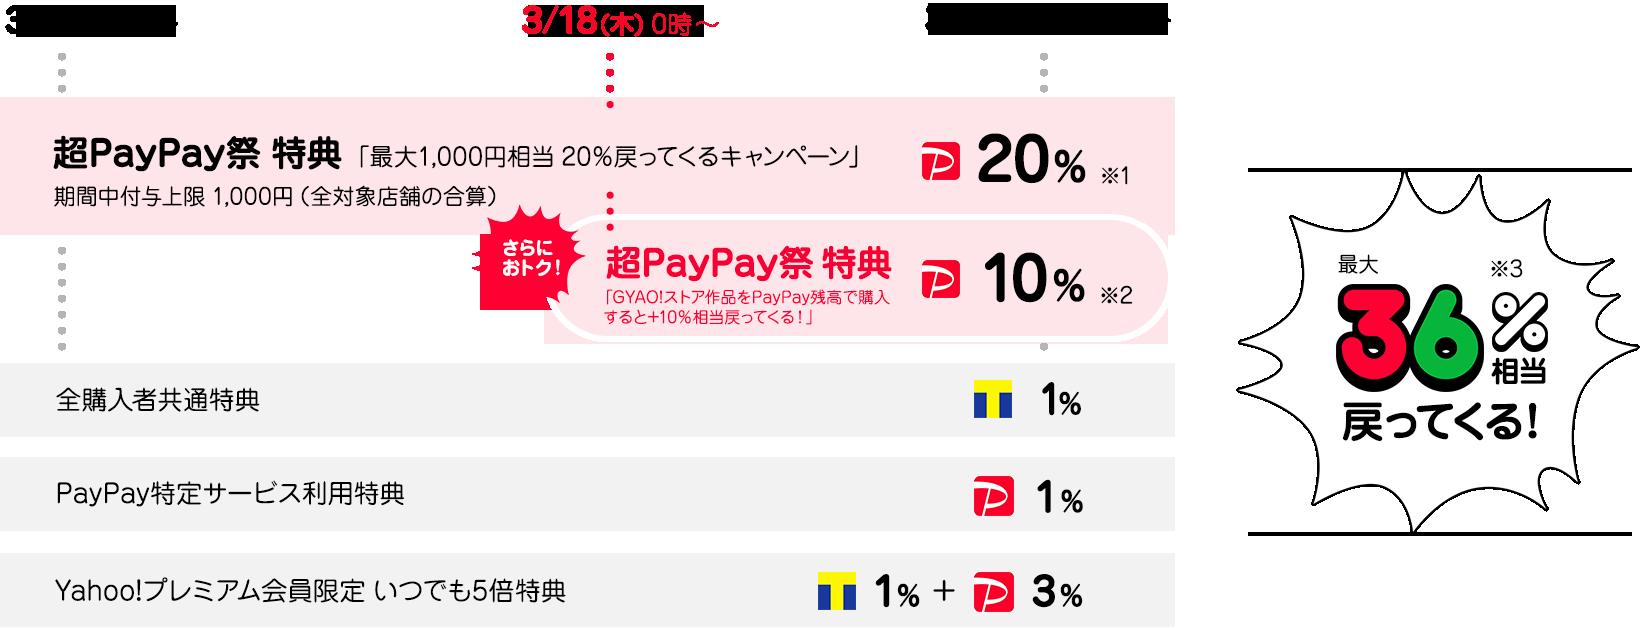 PayPay残高でのレンタルで最大36%相当戻ってくる